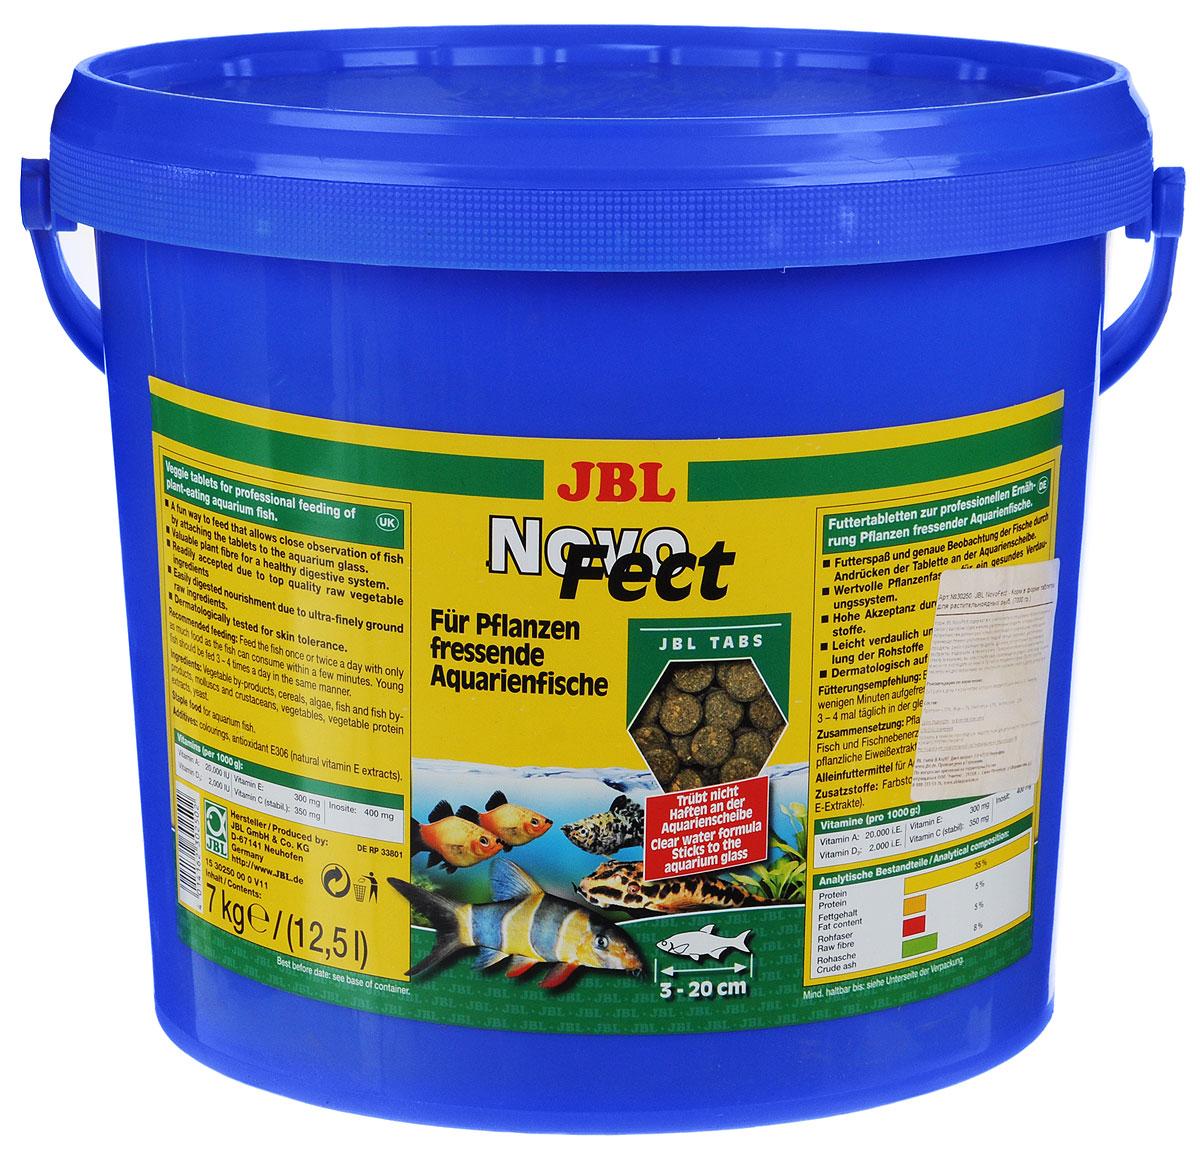 Корм JBL NovoFect для растительноядных рыб, в таблетках, 12,5 л (7 кг)0120710Корм в форме таблеток JBL NovoFect содержит все компоненты в специально сбалансированной смеси с высоким содержанием растительных веществ, которые отвечают потребностям донных рыб и рыб, обитающих в средней зоне, питающихся преимущественно растительной пищей: овощи, зерновые, растительные продукты, рыба и рыбные продукты, дрожжи, растительные протеиновые экстракты, водоросли, а также рачки. Прикрепив таблетку в любом месте к стеклу аквариума, вы обеспечите рыб, обитающих в редних слоях воды, кормом и можете наблюдать за ними в процессе поедания. Просто опустив таблетку на дно аквариума вы обеспечите кормом сомов и других донных рыб.Товар сертифицирован.